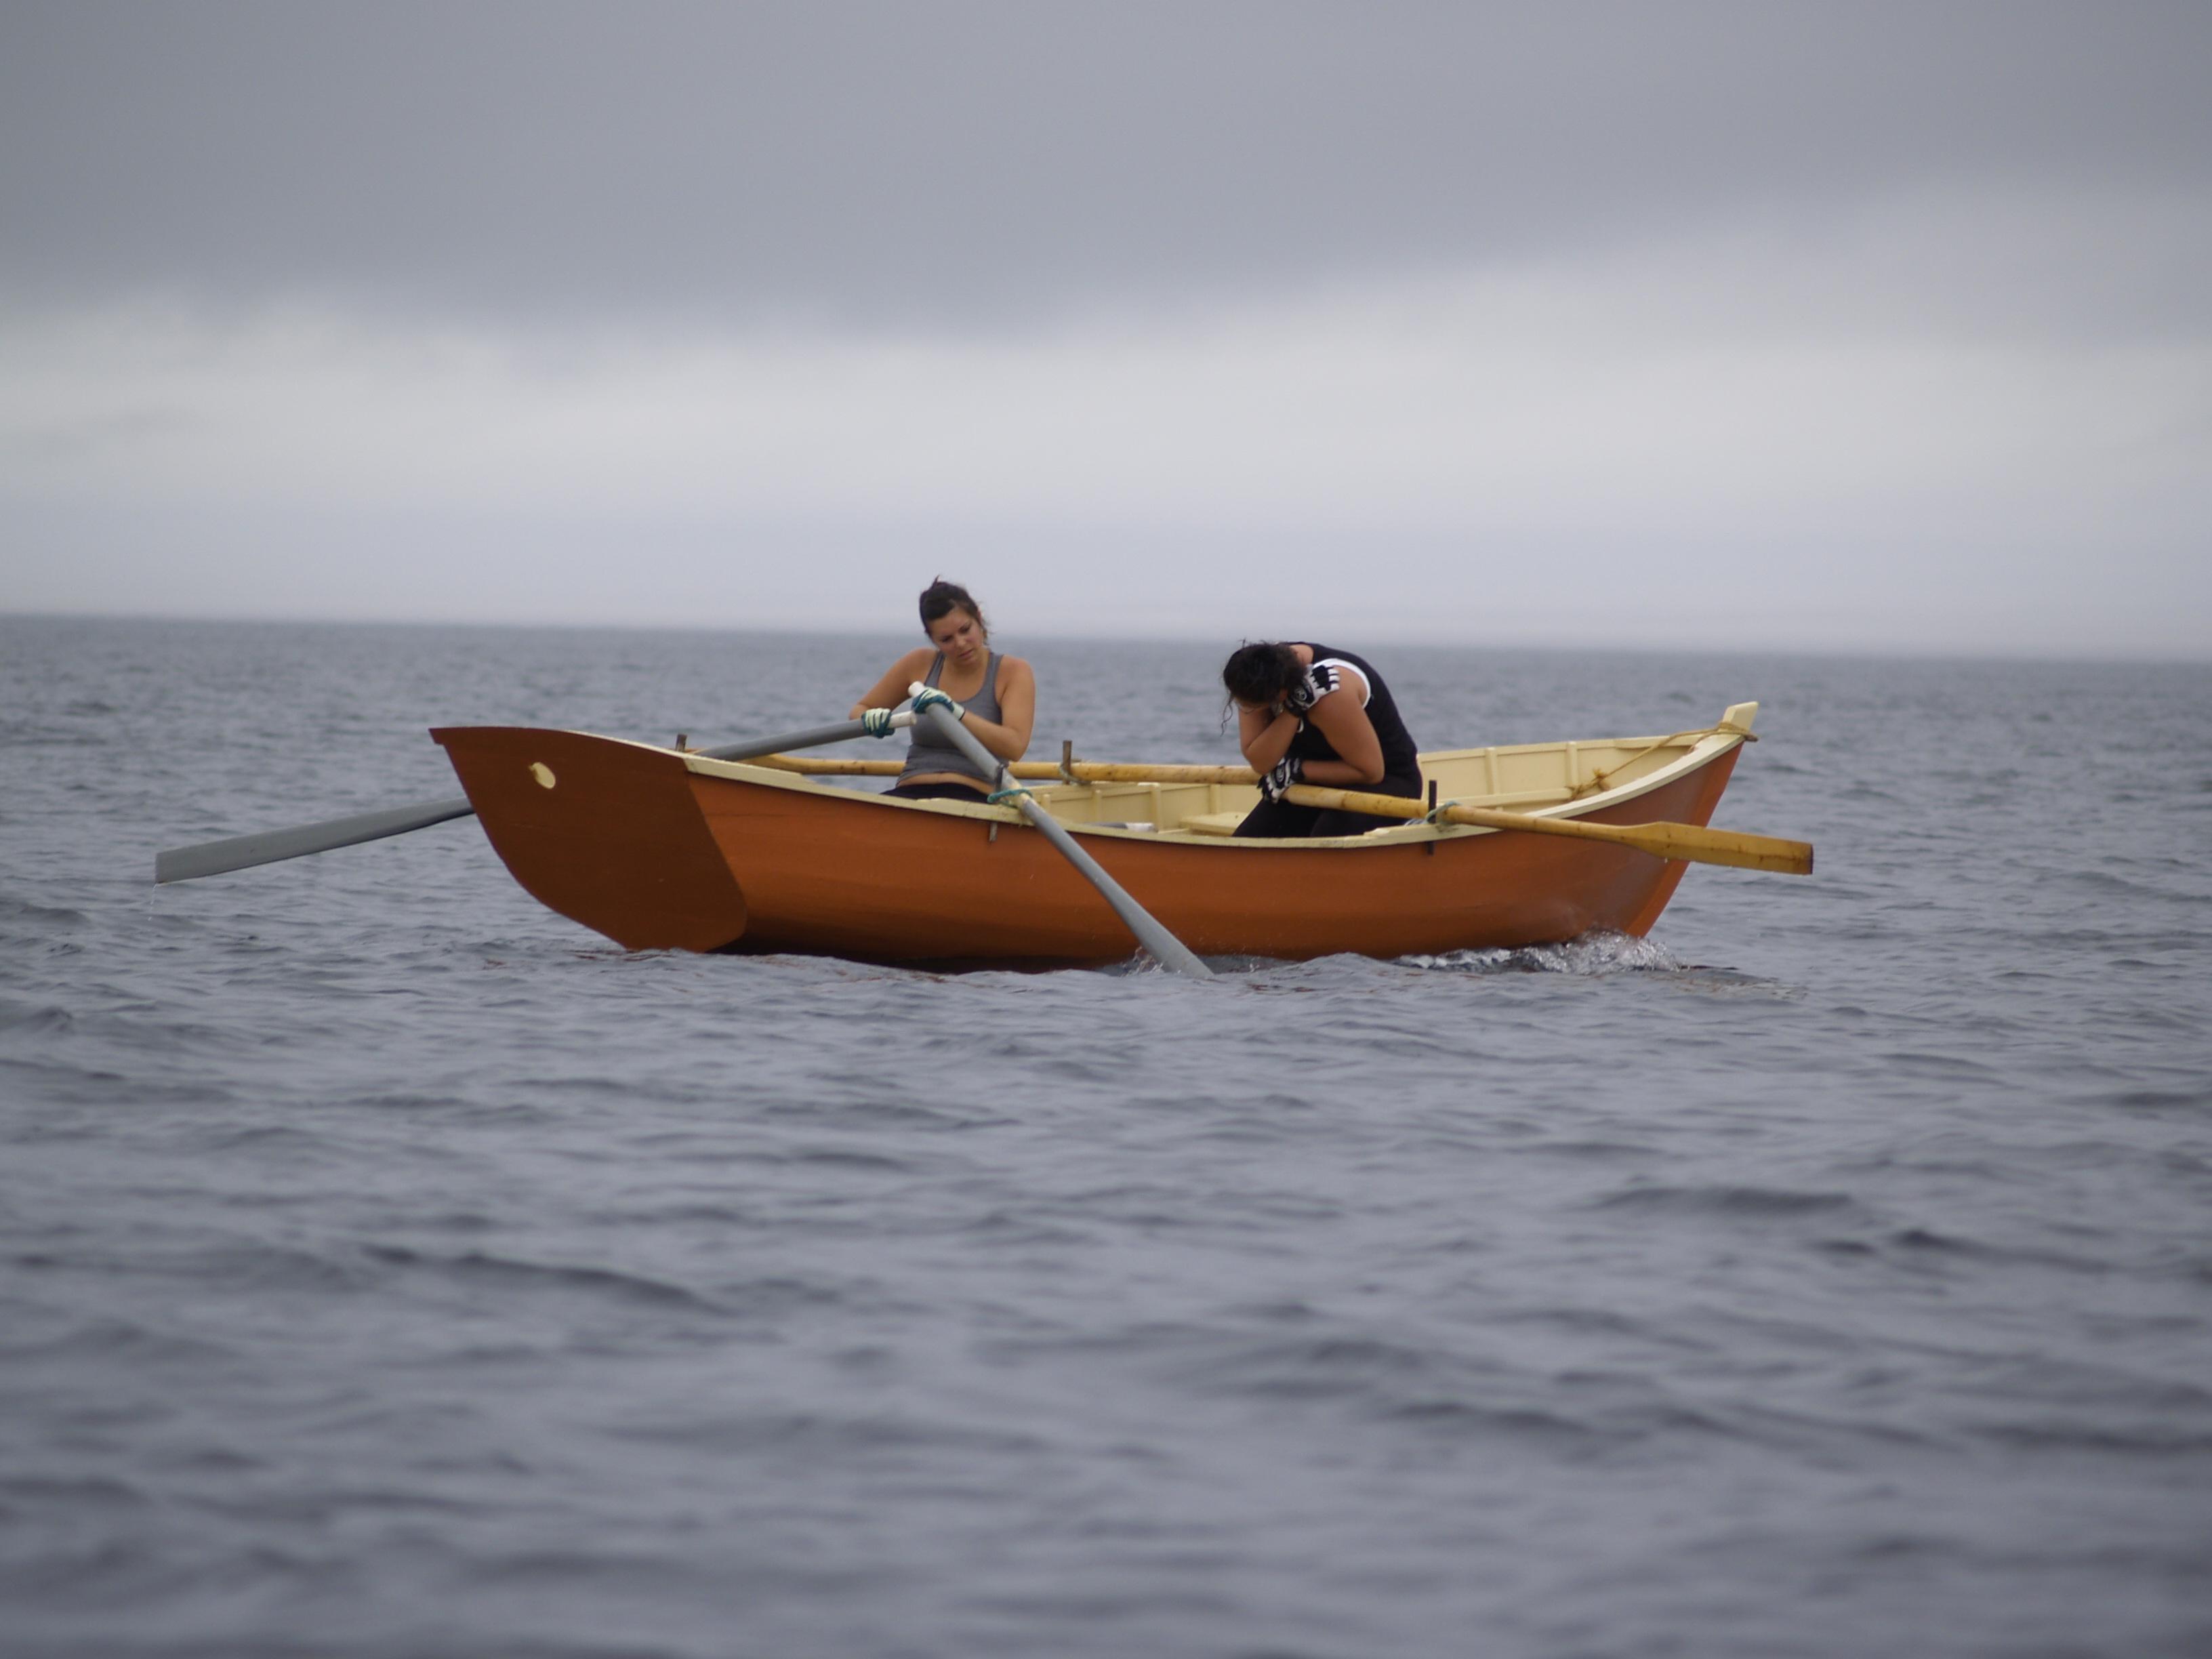 Une crampe forcera bientôt Samantha à l'abandon, après plus de deux heures à se mesurer à l'océan. Photo : Jacinthe Tremblay